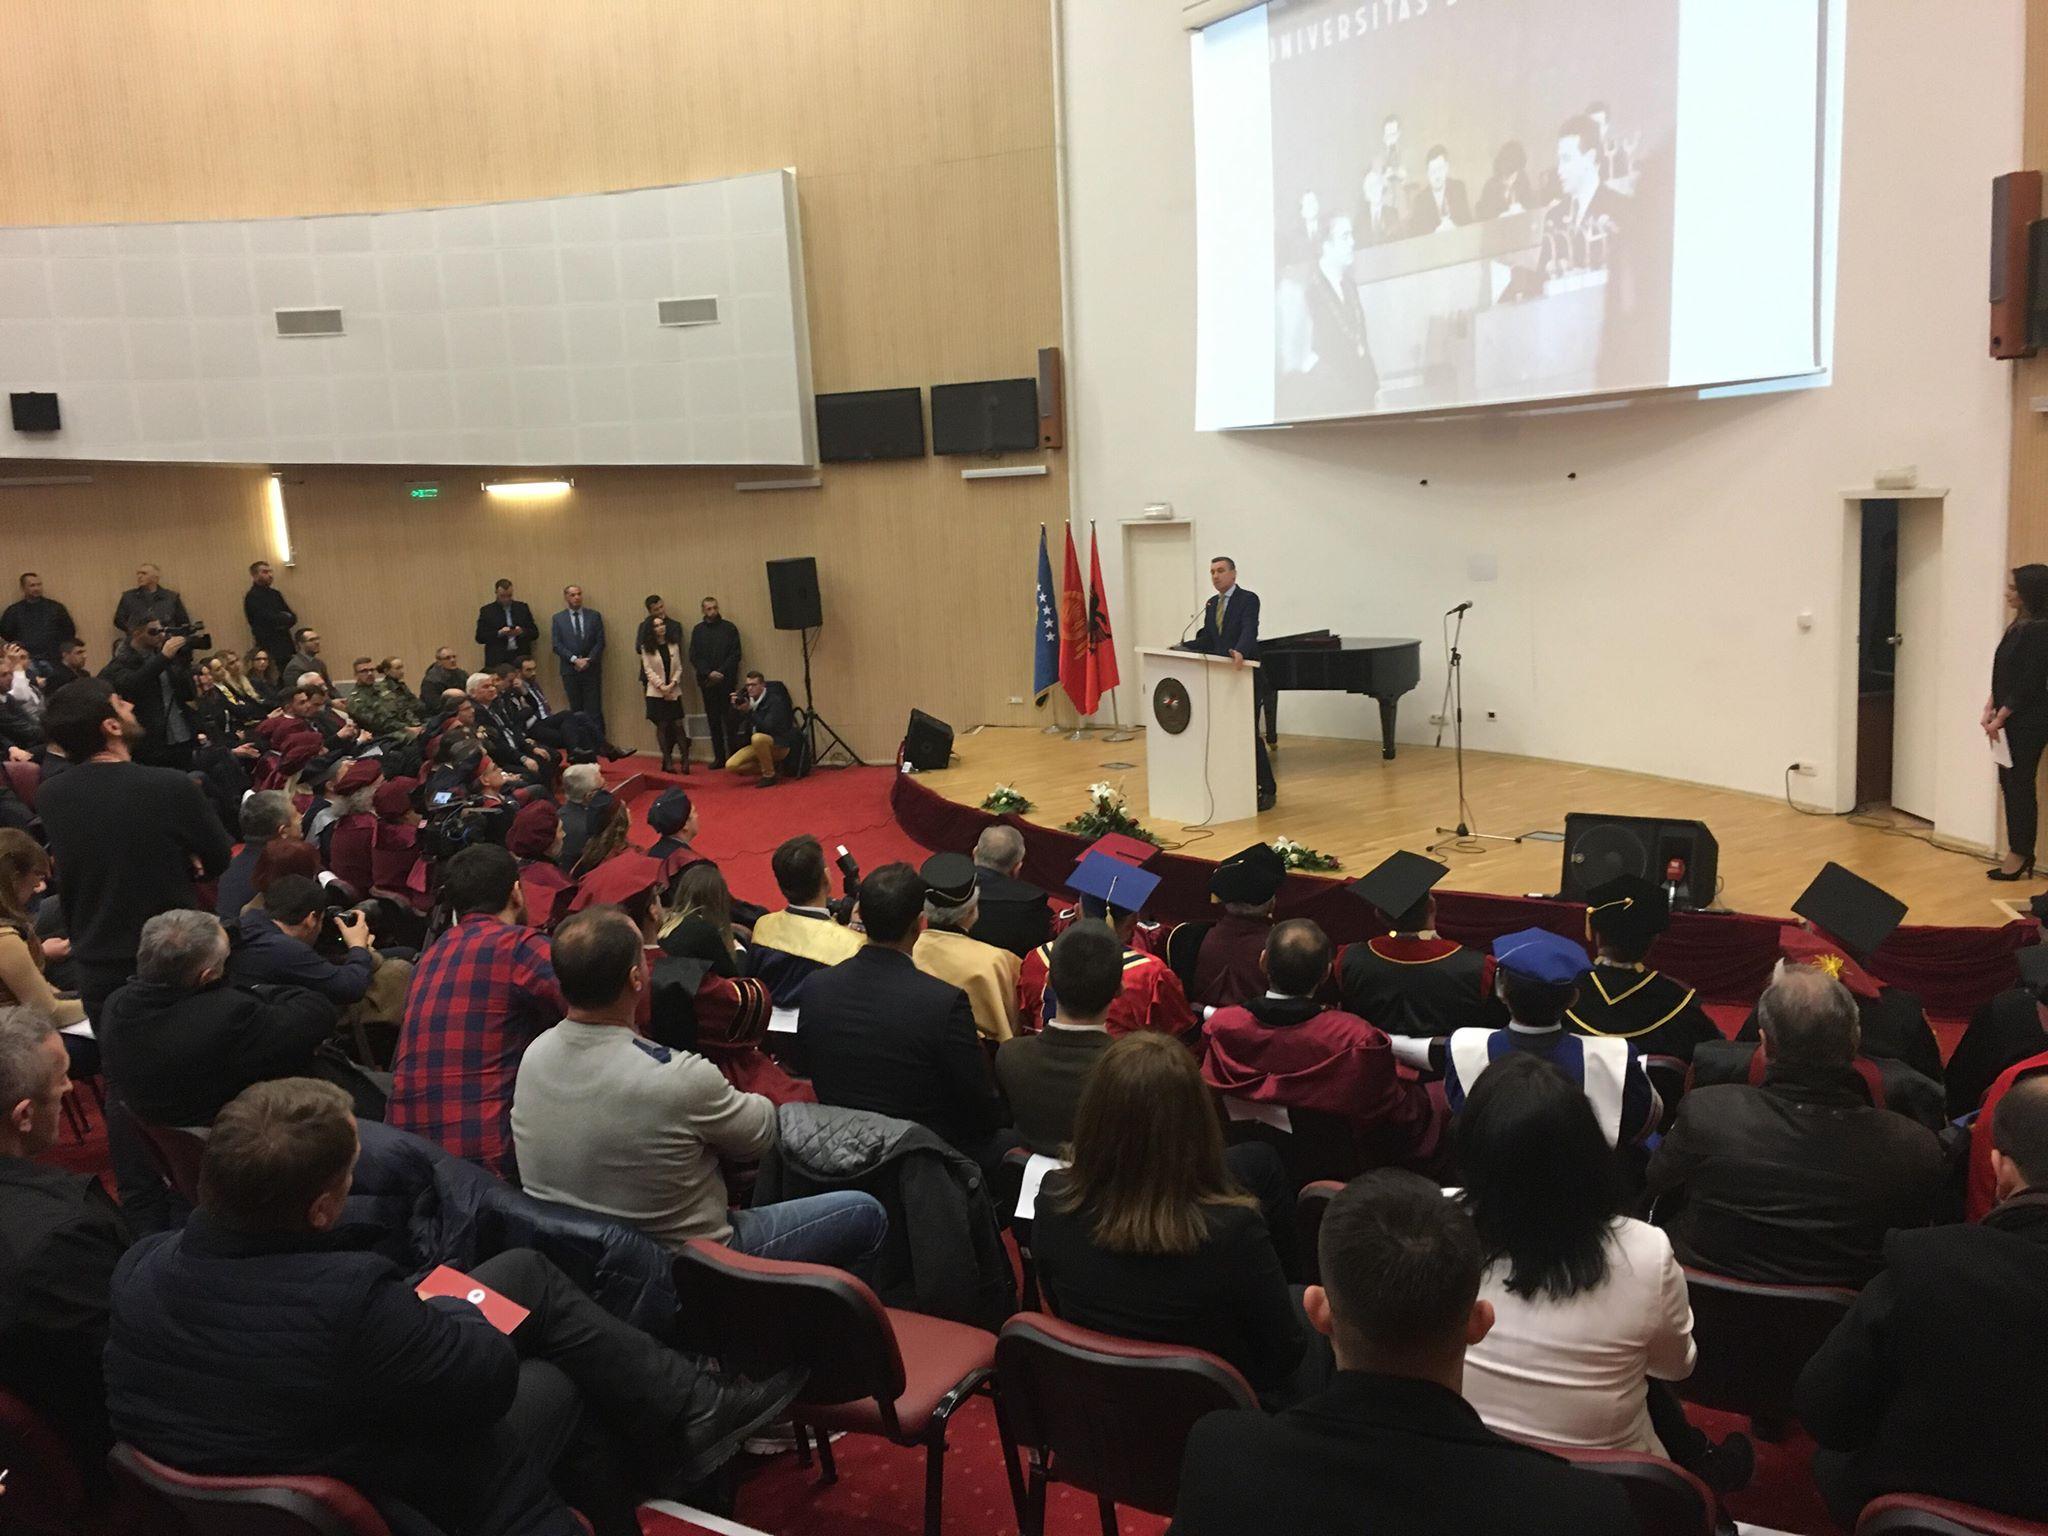 Veseli thotë se Kosova duhet të veprojë sipas këshillave të Amerikës